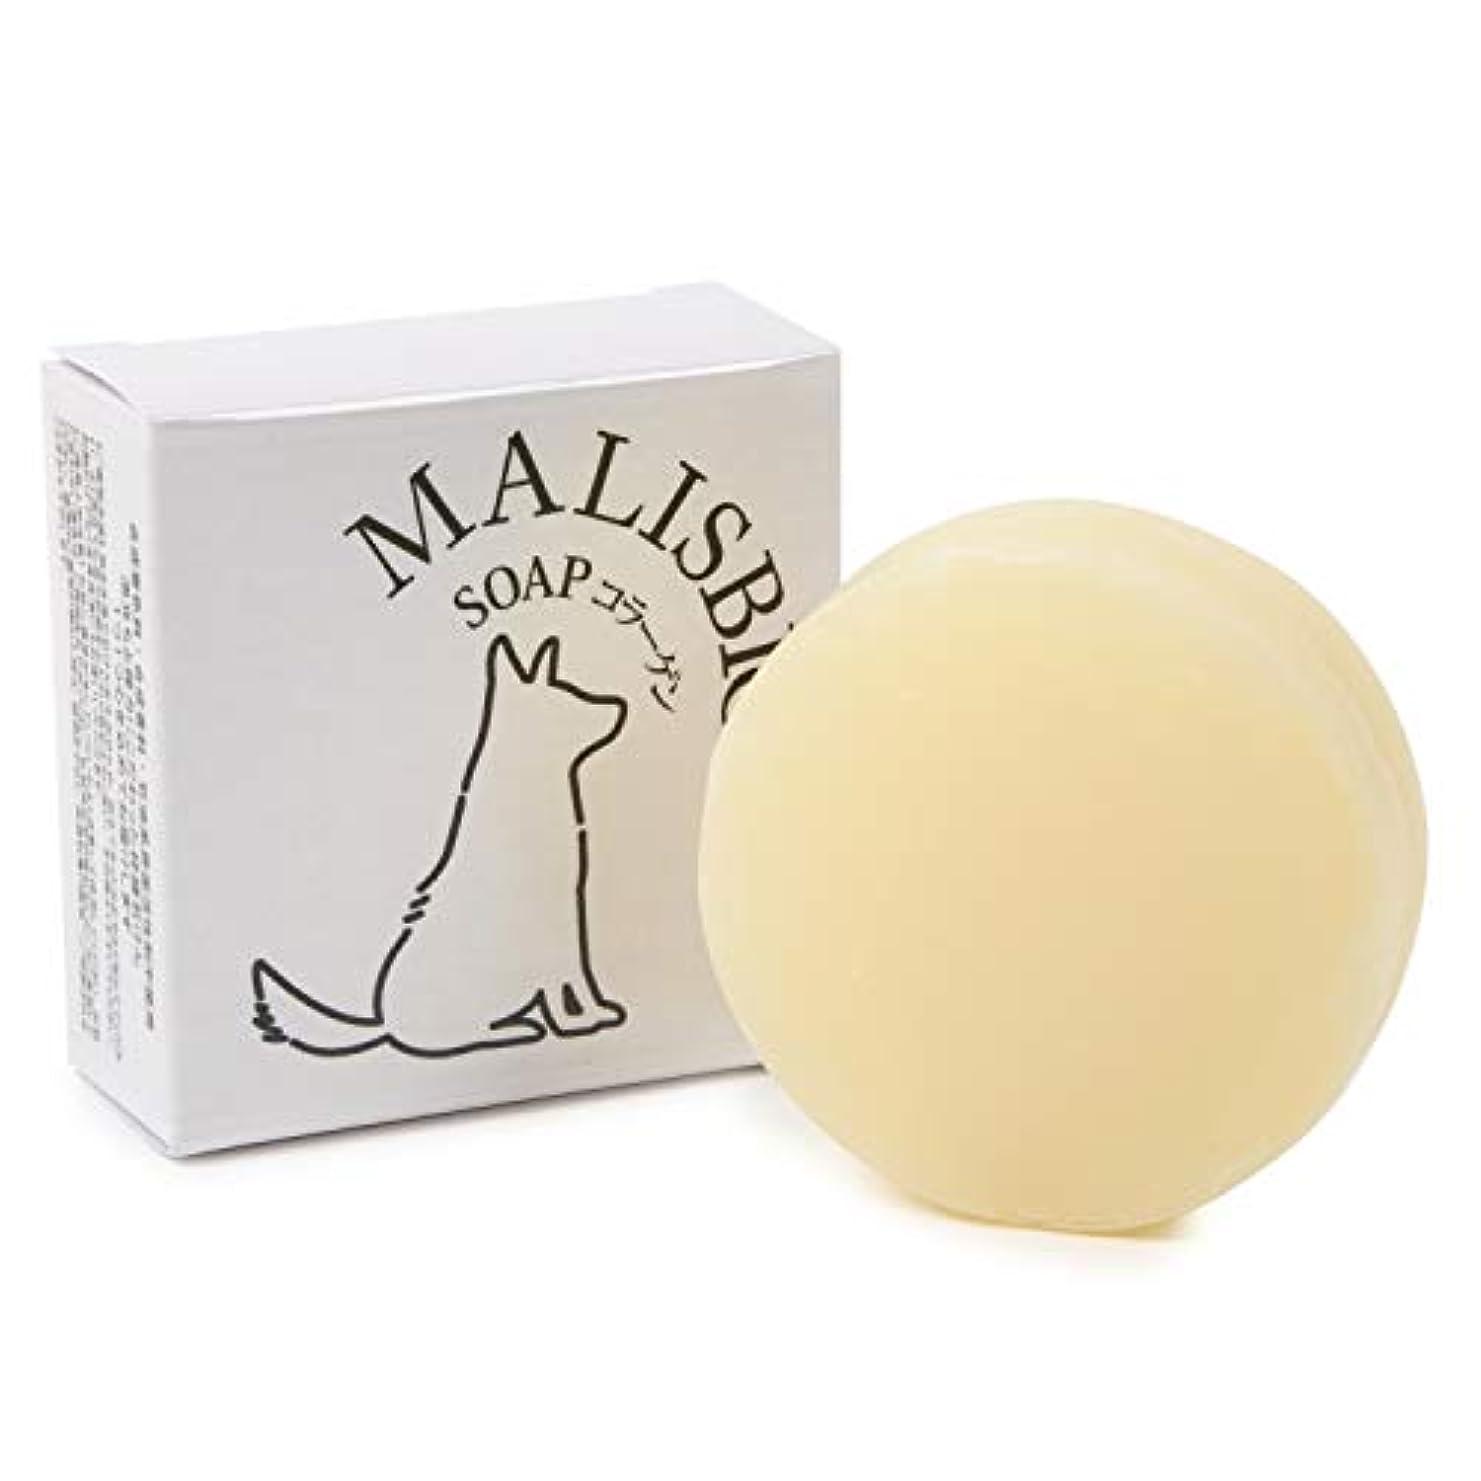 摂氏度静かな使い込むコラーゲンソープ 洗顔石鹸 固形 無添加 お肌に優しい成分のみ 敏感肌 毛穴にも 日本製 マリスビオ